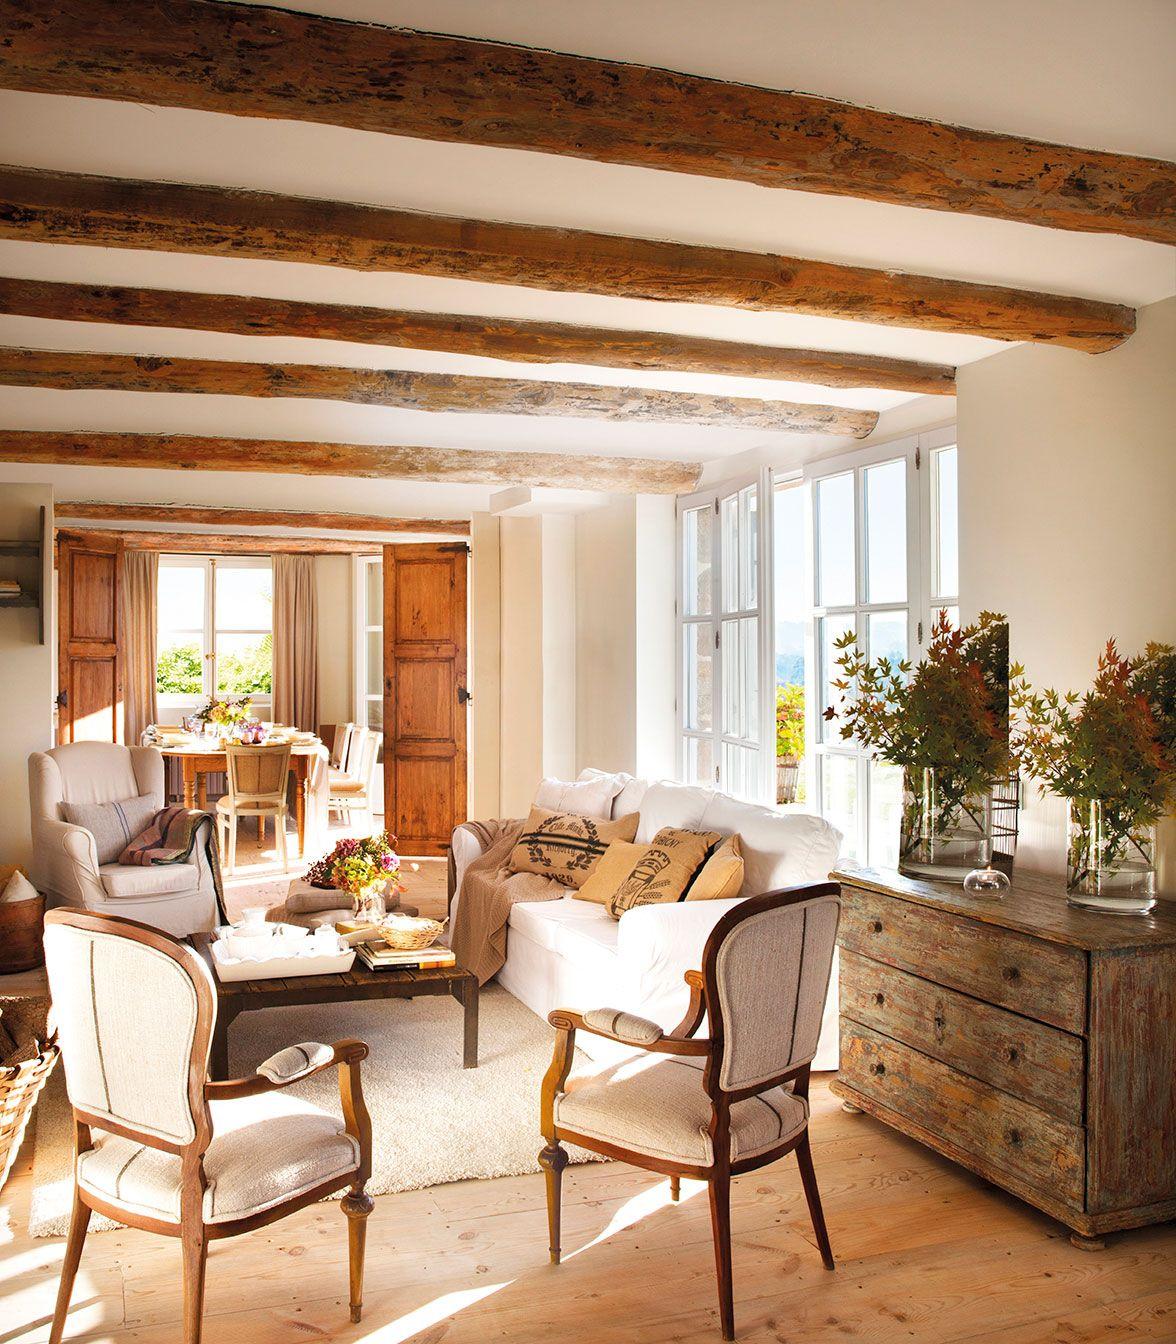 Sal n r stico con vigas de madera en el techo y sof s y for Como aislar el techo de un piso